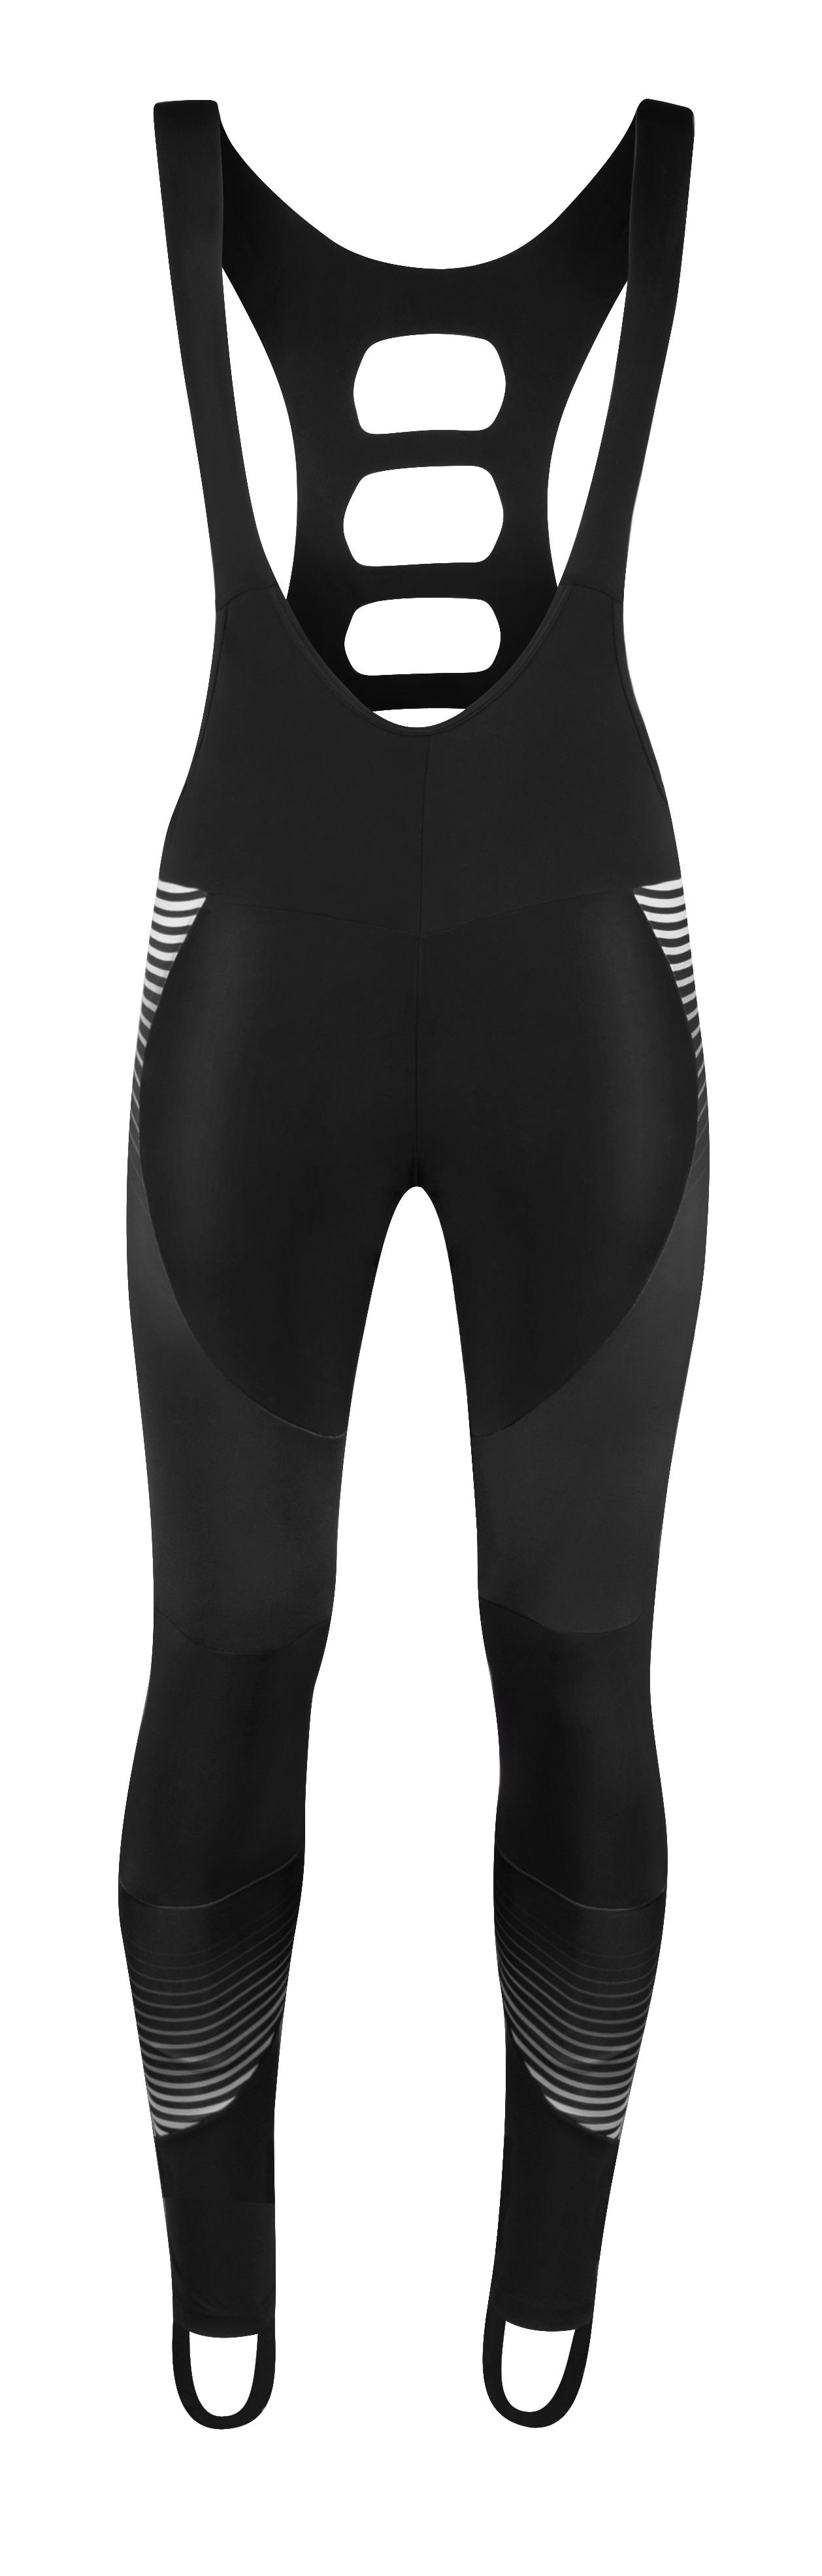 kalhoty FORCE DRIFT se šráky bez vložky, černé XXL